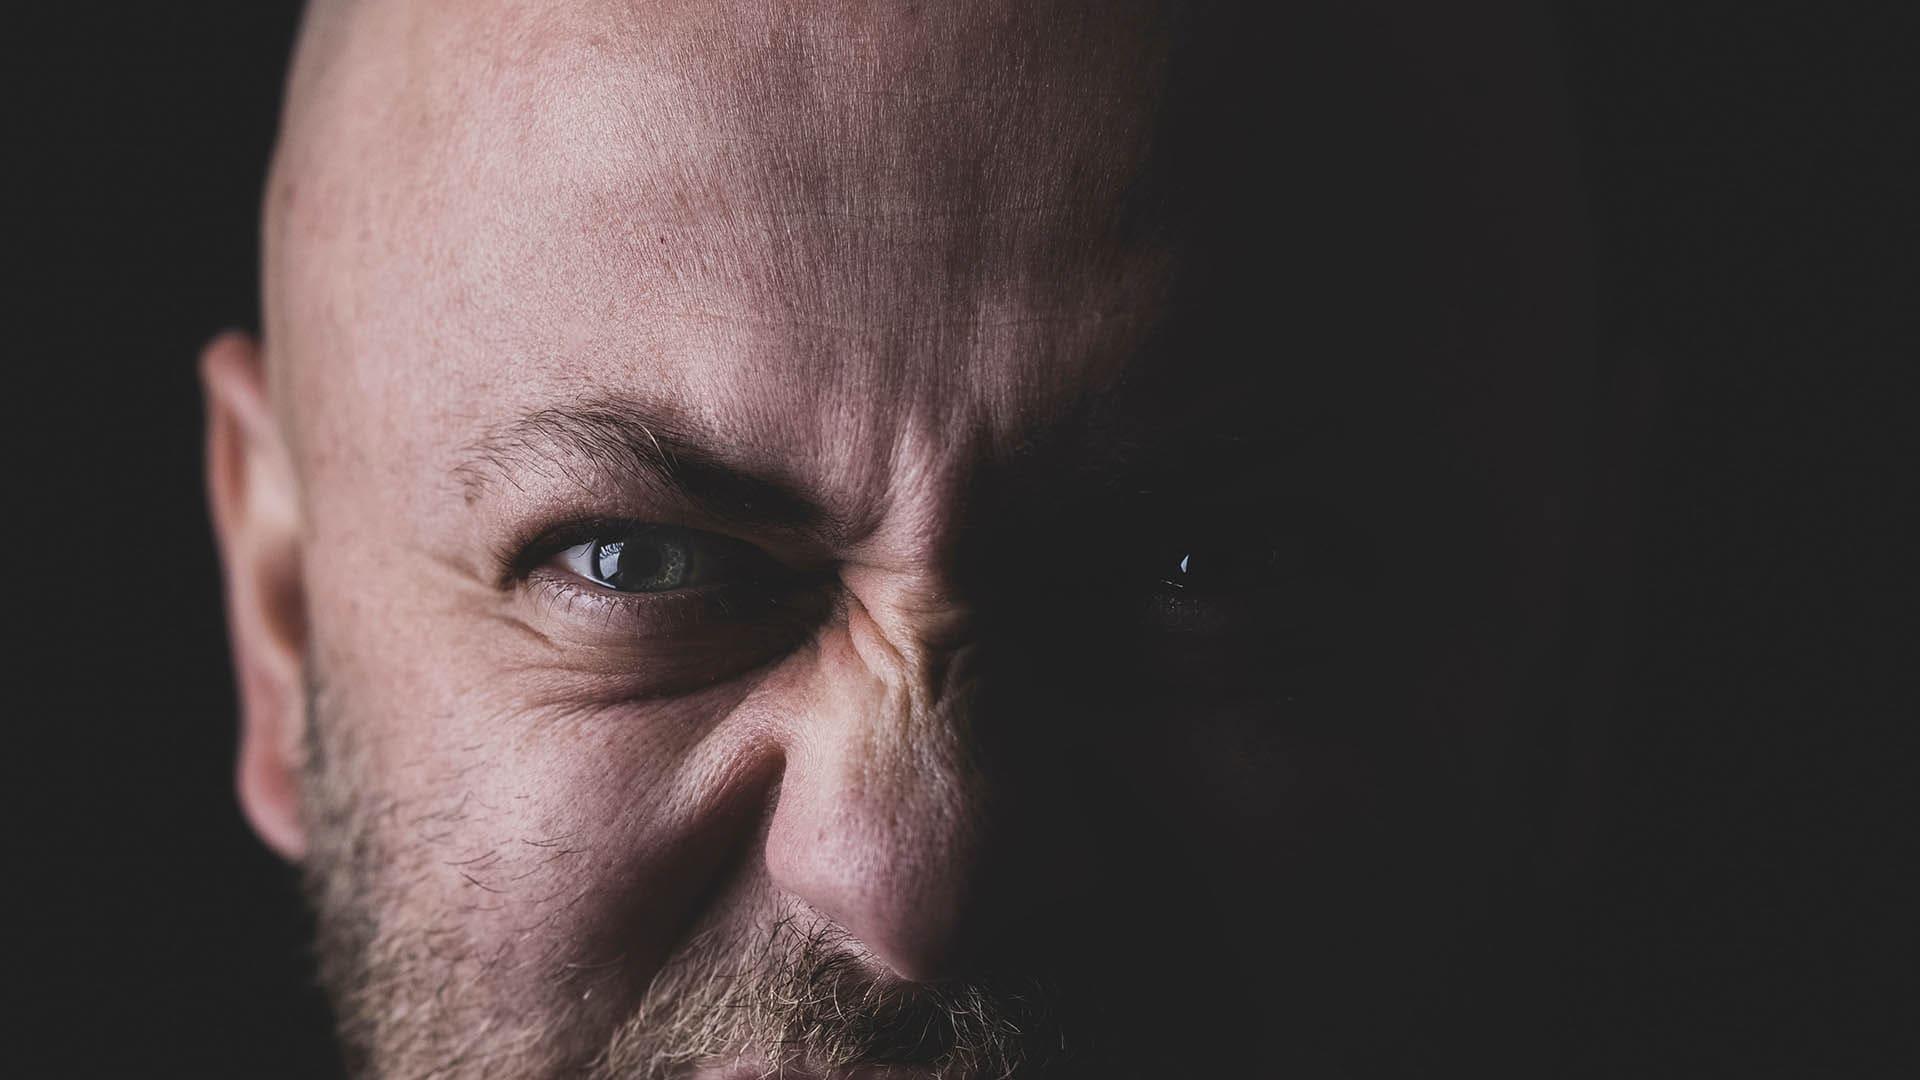 espressioni del volto e lo sguardo